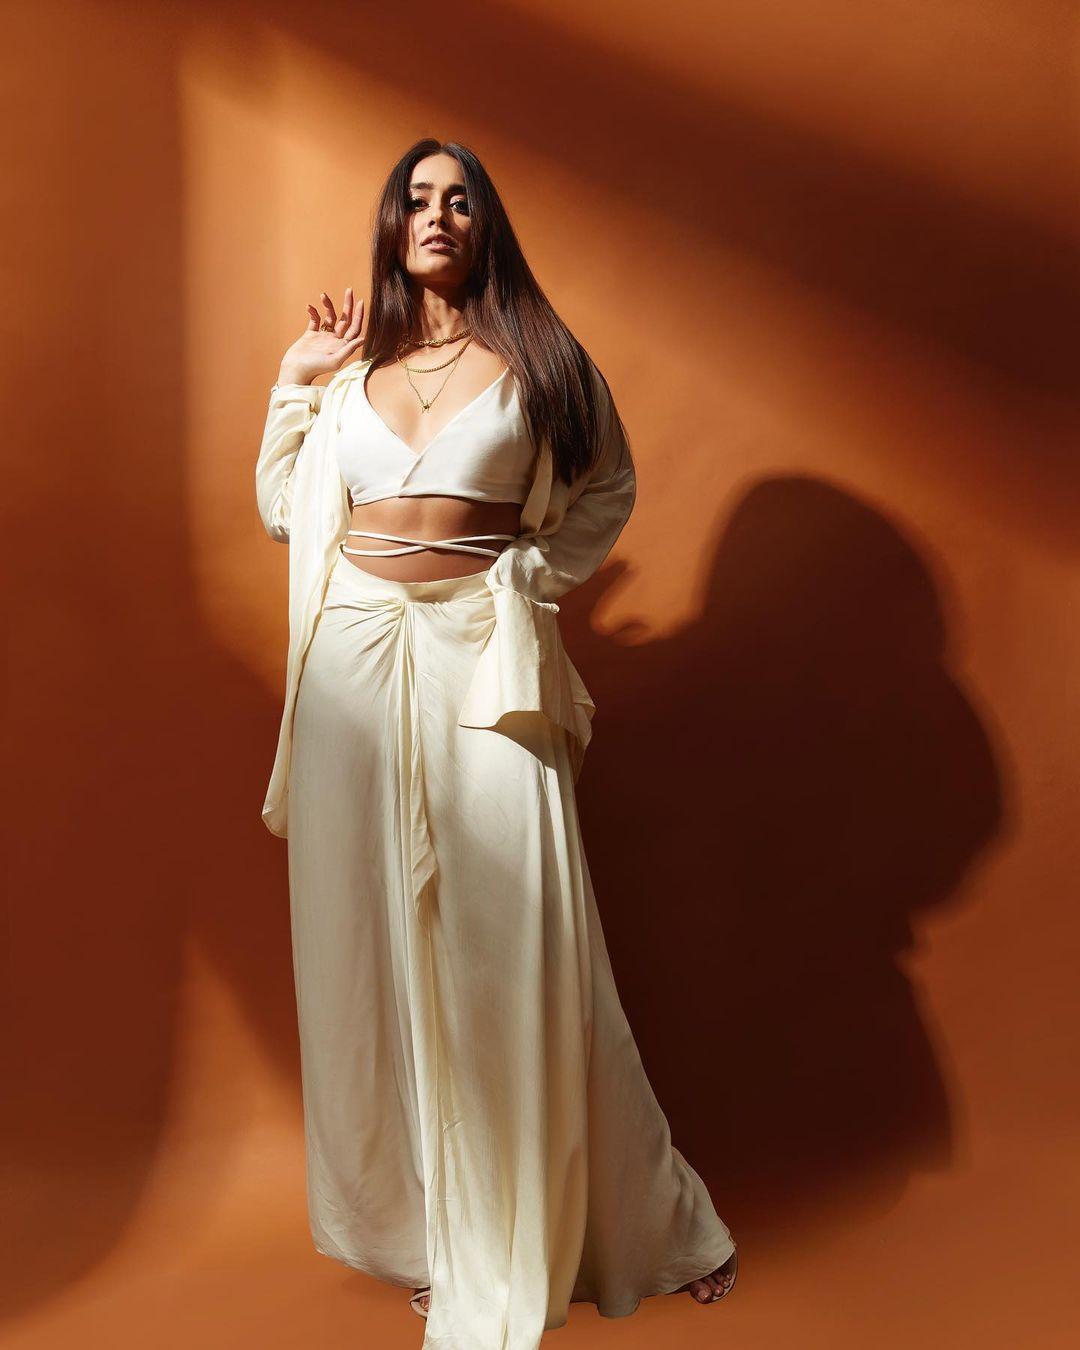 அதற்கு பின்பு தெலுங்கில் நடிகை இலியானா பிசி ஆகிவிட்டார்.பின்பு 2011 ஆம் ஆண்டு நண்பன் படத்தில் நடித்து ரசிகர்கள் மனதை கொள்ளையடித்தார்.